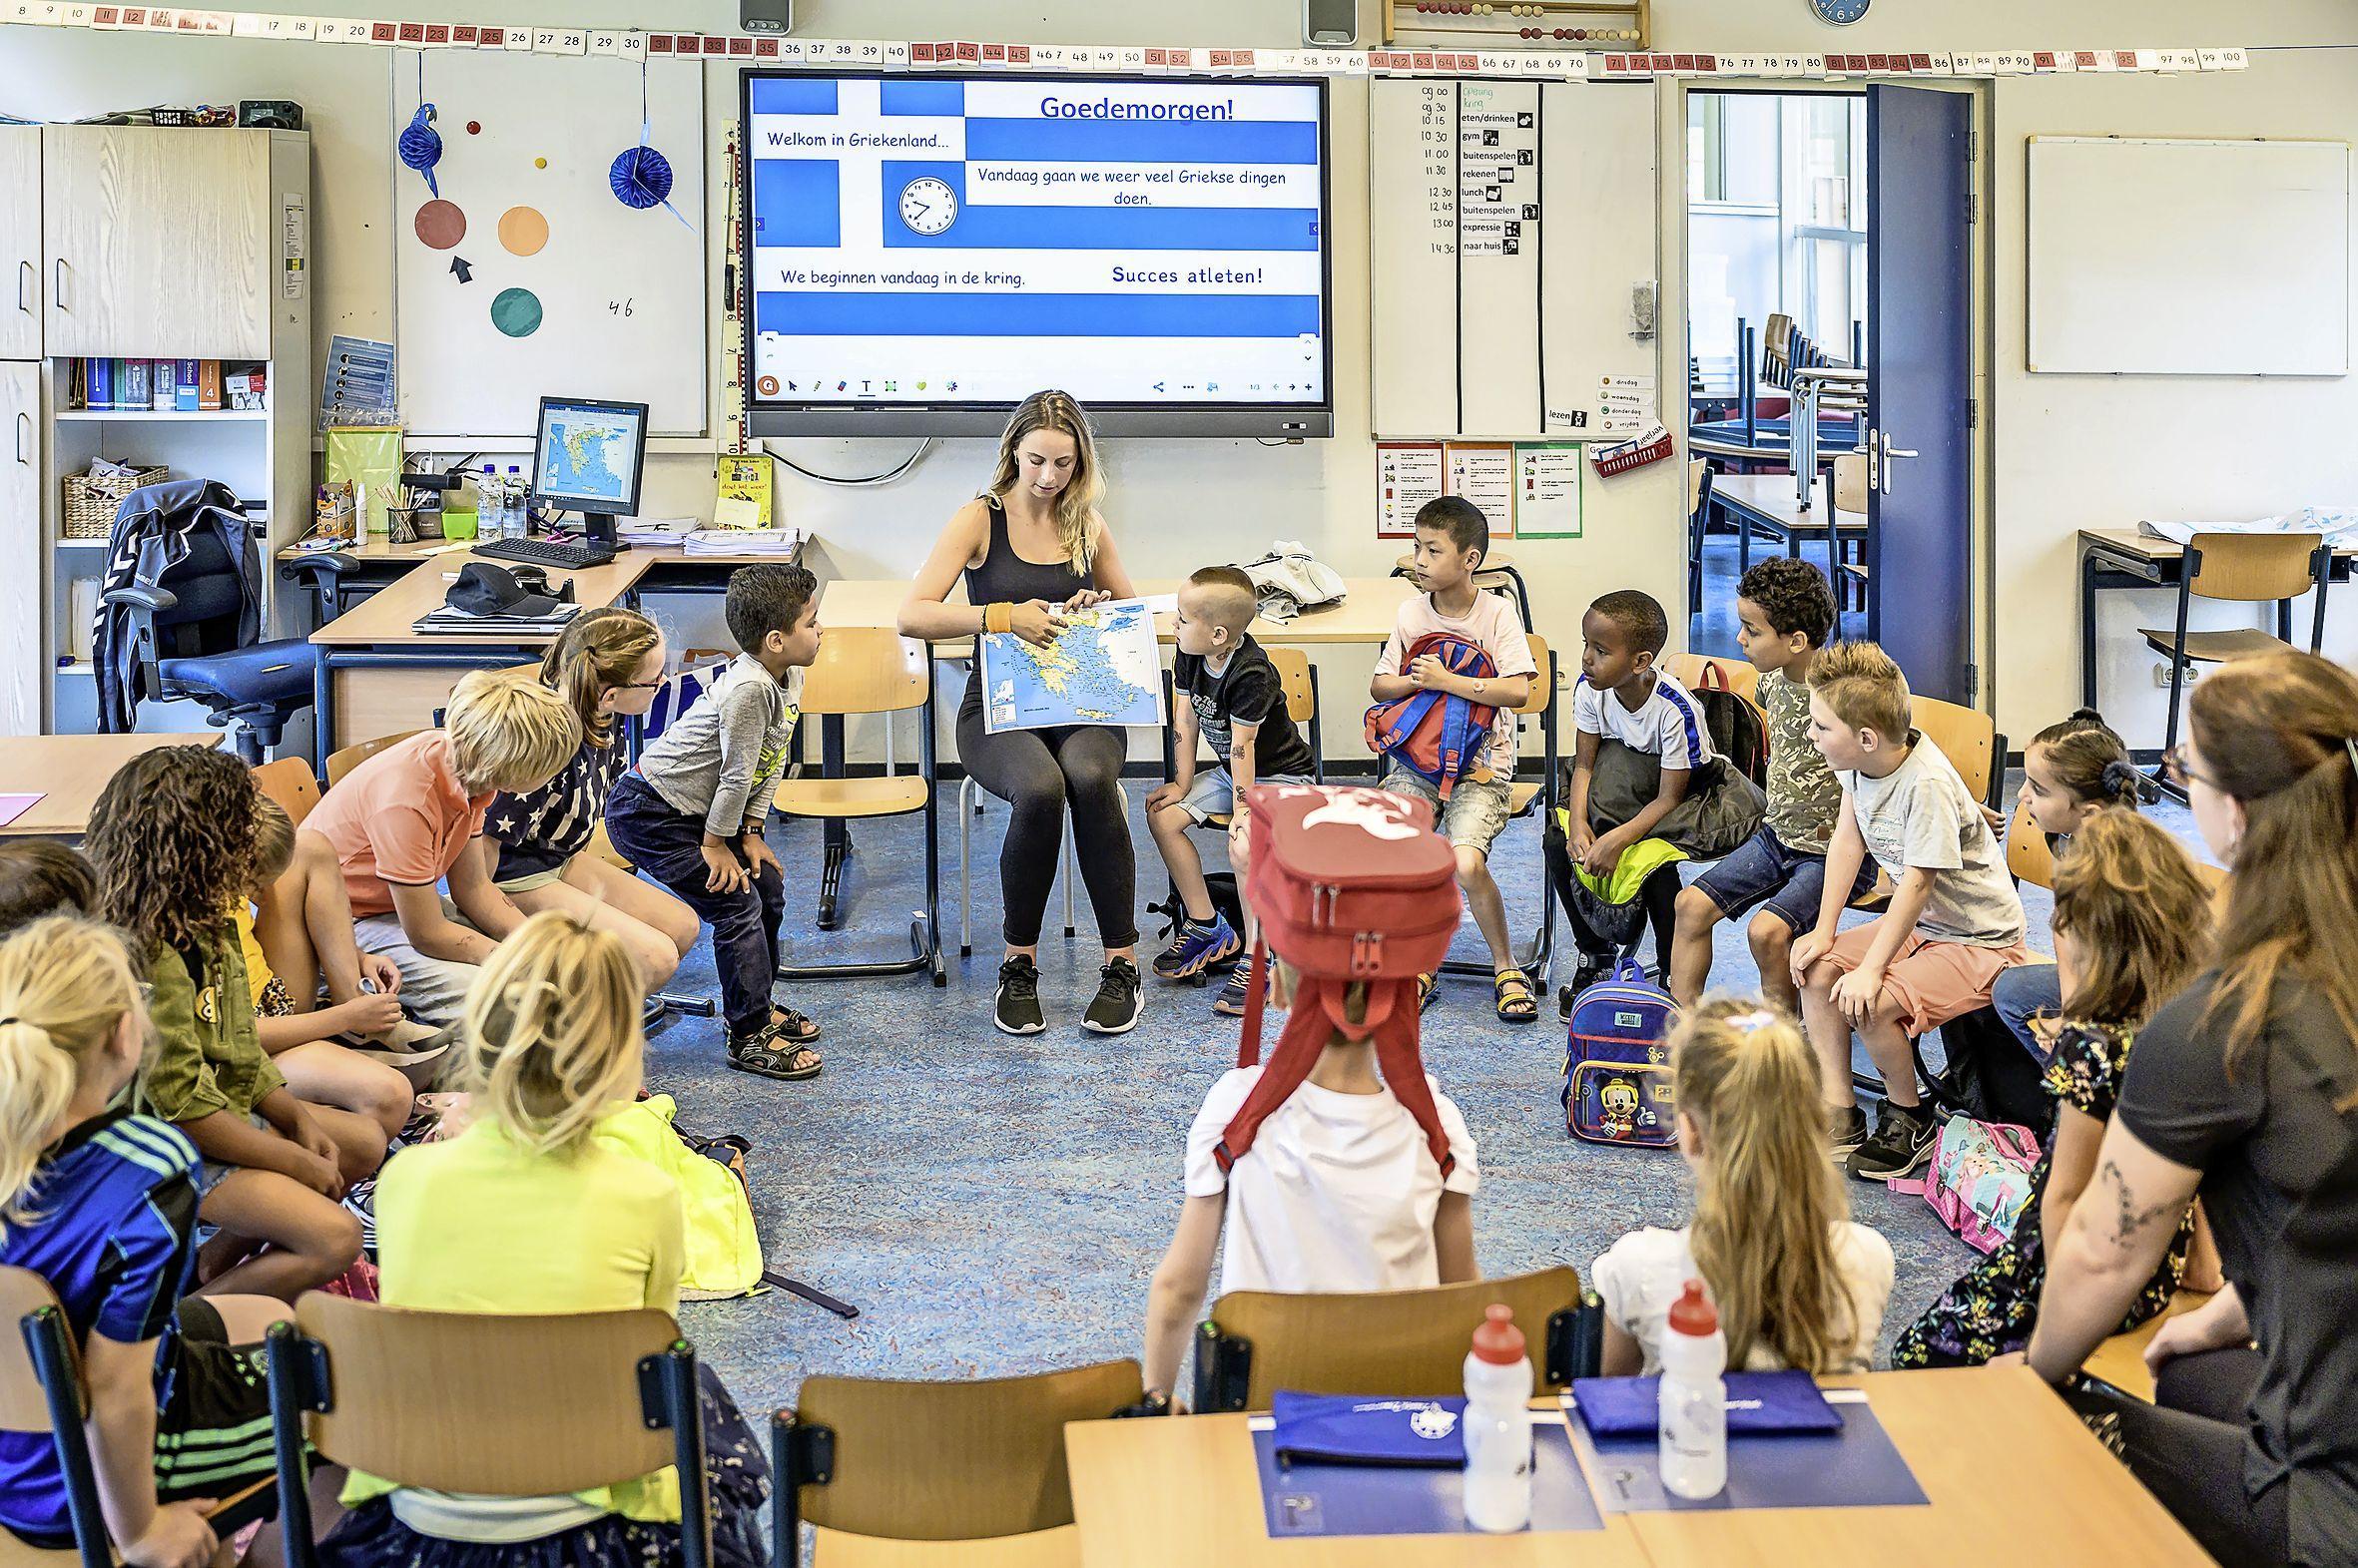 Zaanse basisschoolkinderen juichend naar school tijdens zomervakantie: sinds coronapandemie is het aantal aanmeldingen voor de Zomerschool verdubbeld